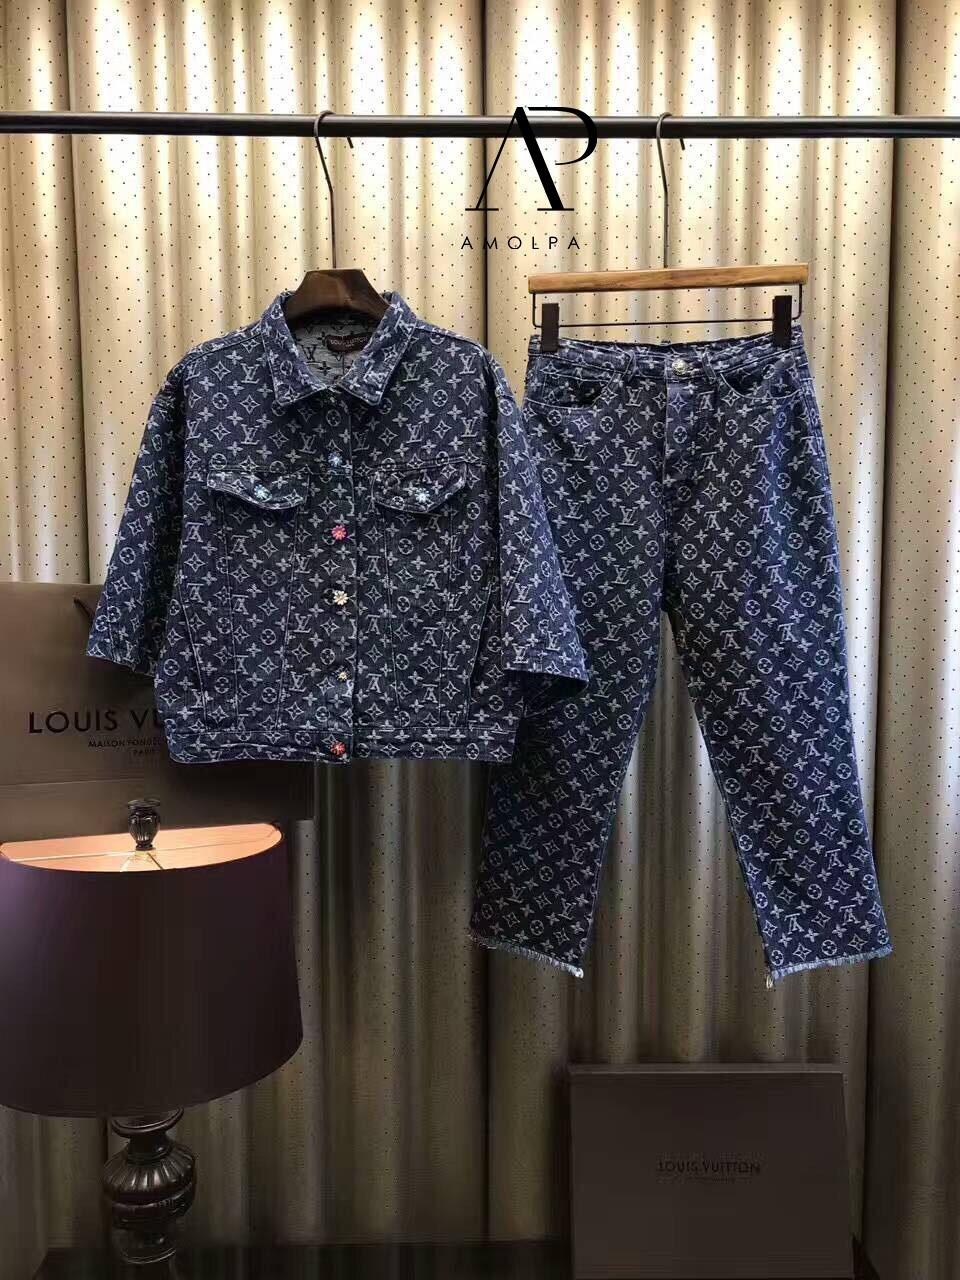 เสื้อผ้าแฟชั่นพร้อมส่ง เซ็ท เสื้อ+กางเกง ยีนส์แท้ 100%